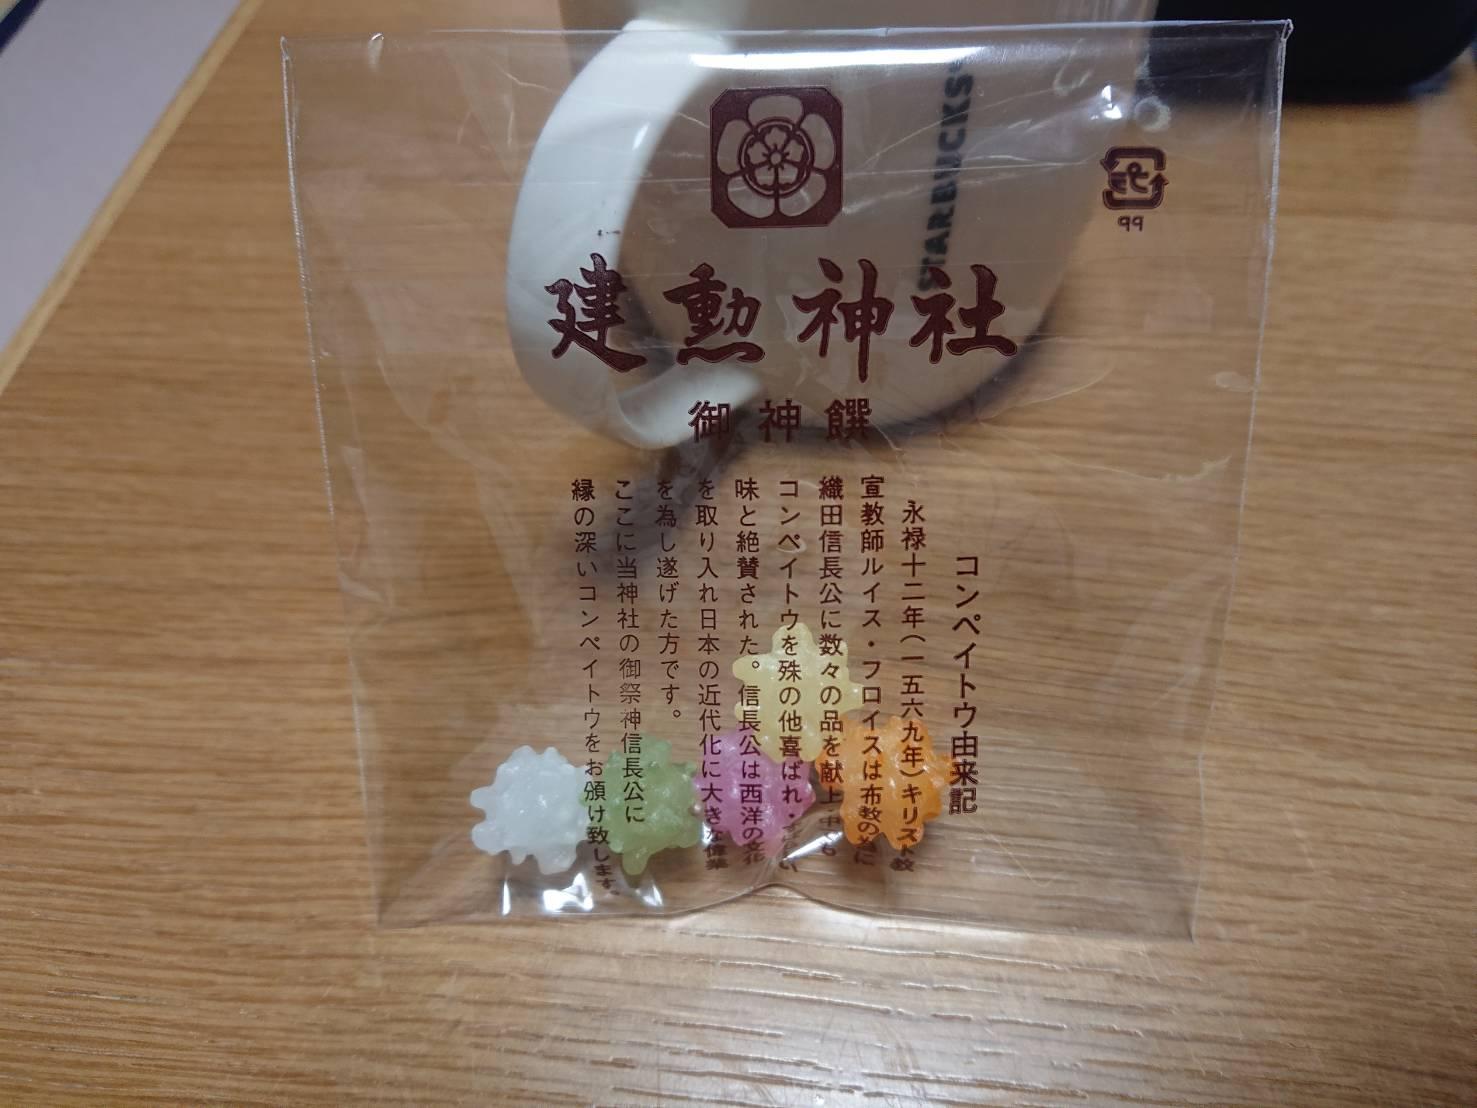 建勲神社のこんぺいとう